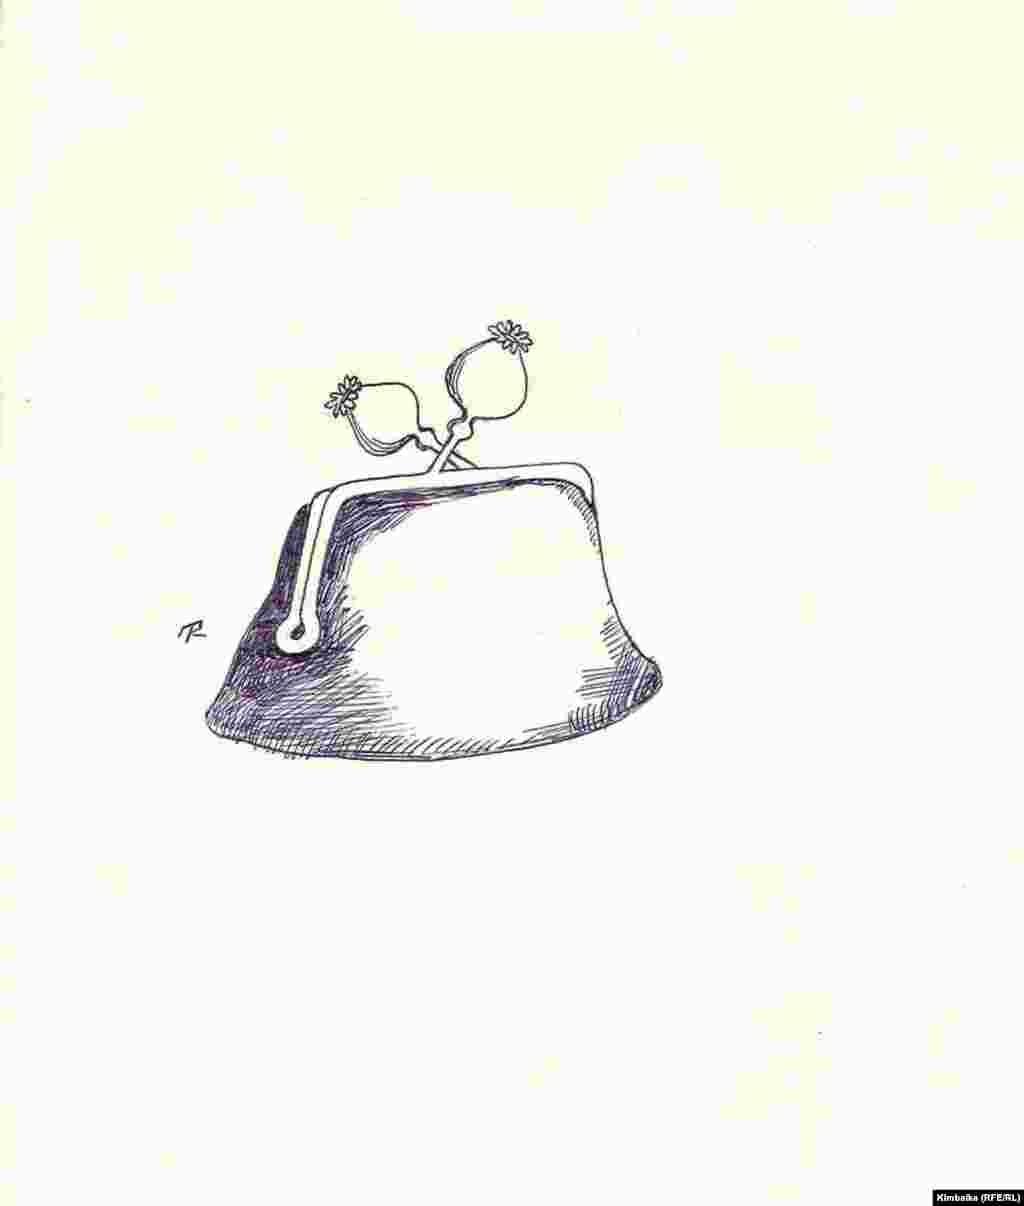 """""""Таза акчанын"""" артында булайган апийим. """"Азаттык үналгысы"""". TKy. 23.07.2011. - Кимбайке баңгизат ташуучуларды тымызын колдоп марыгандардын """"капчыгына жабышкан чөптү"""" байкап калган."""